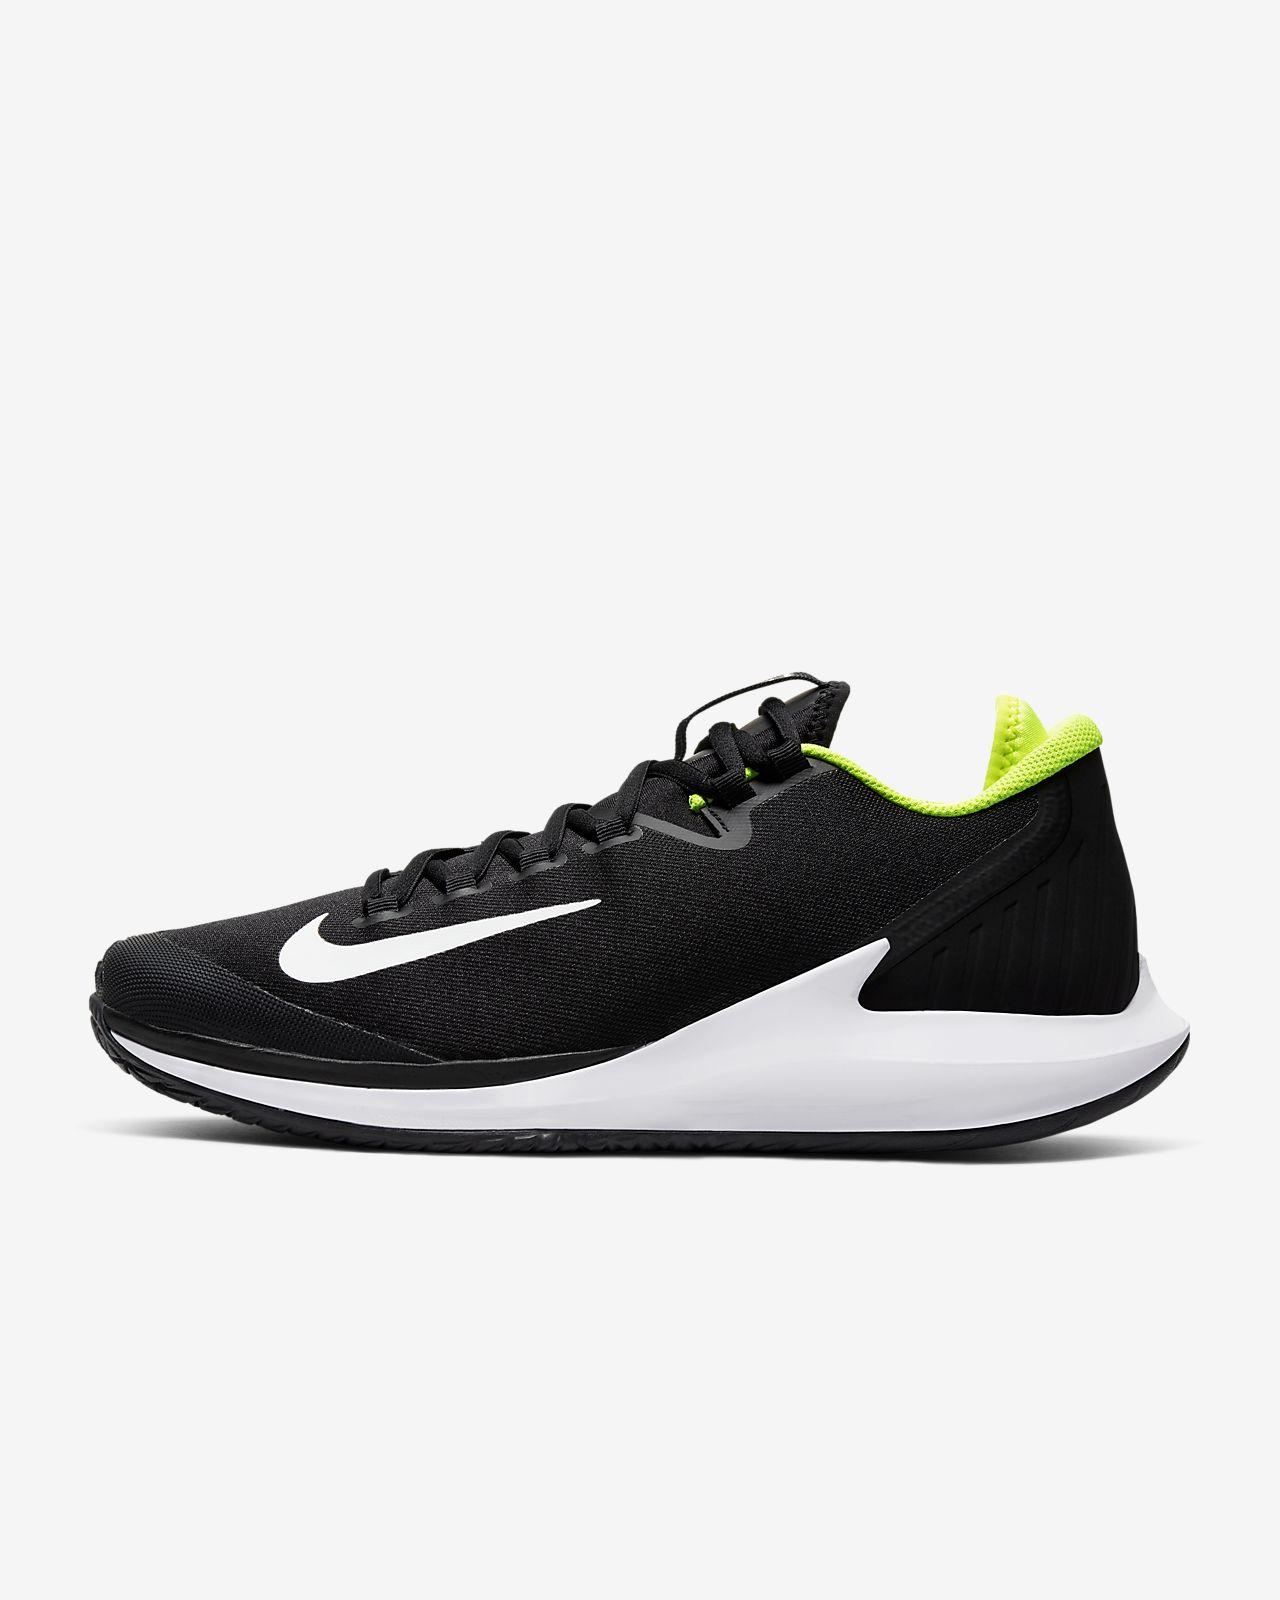 nikecourt air zoom zero men u0026 39 s tennis shoe  nike ca